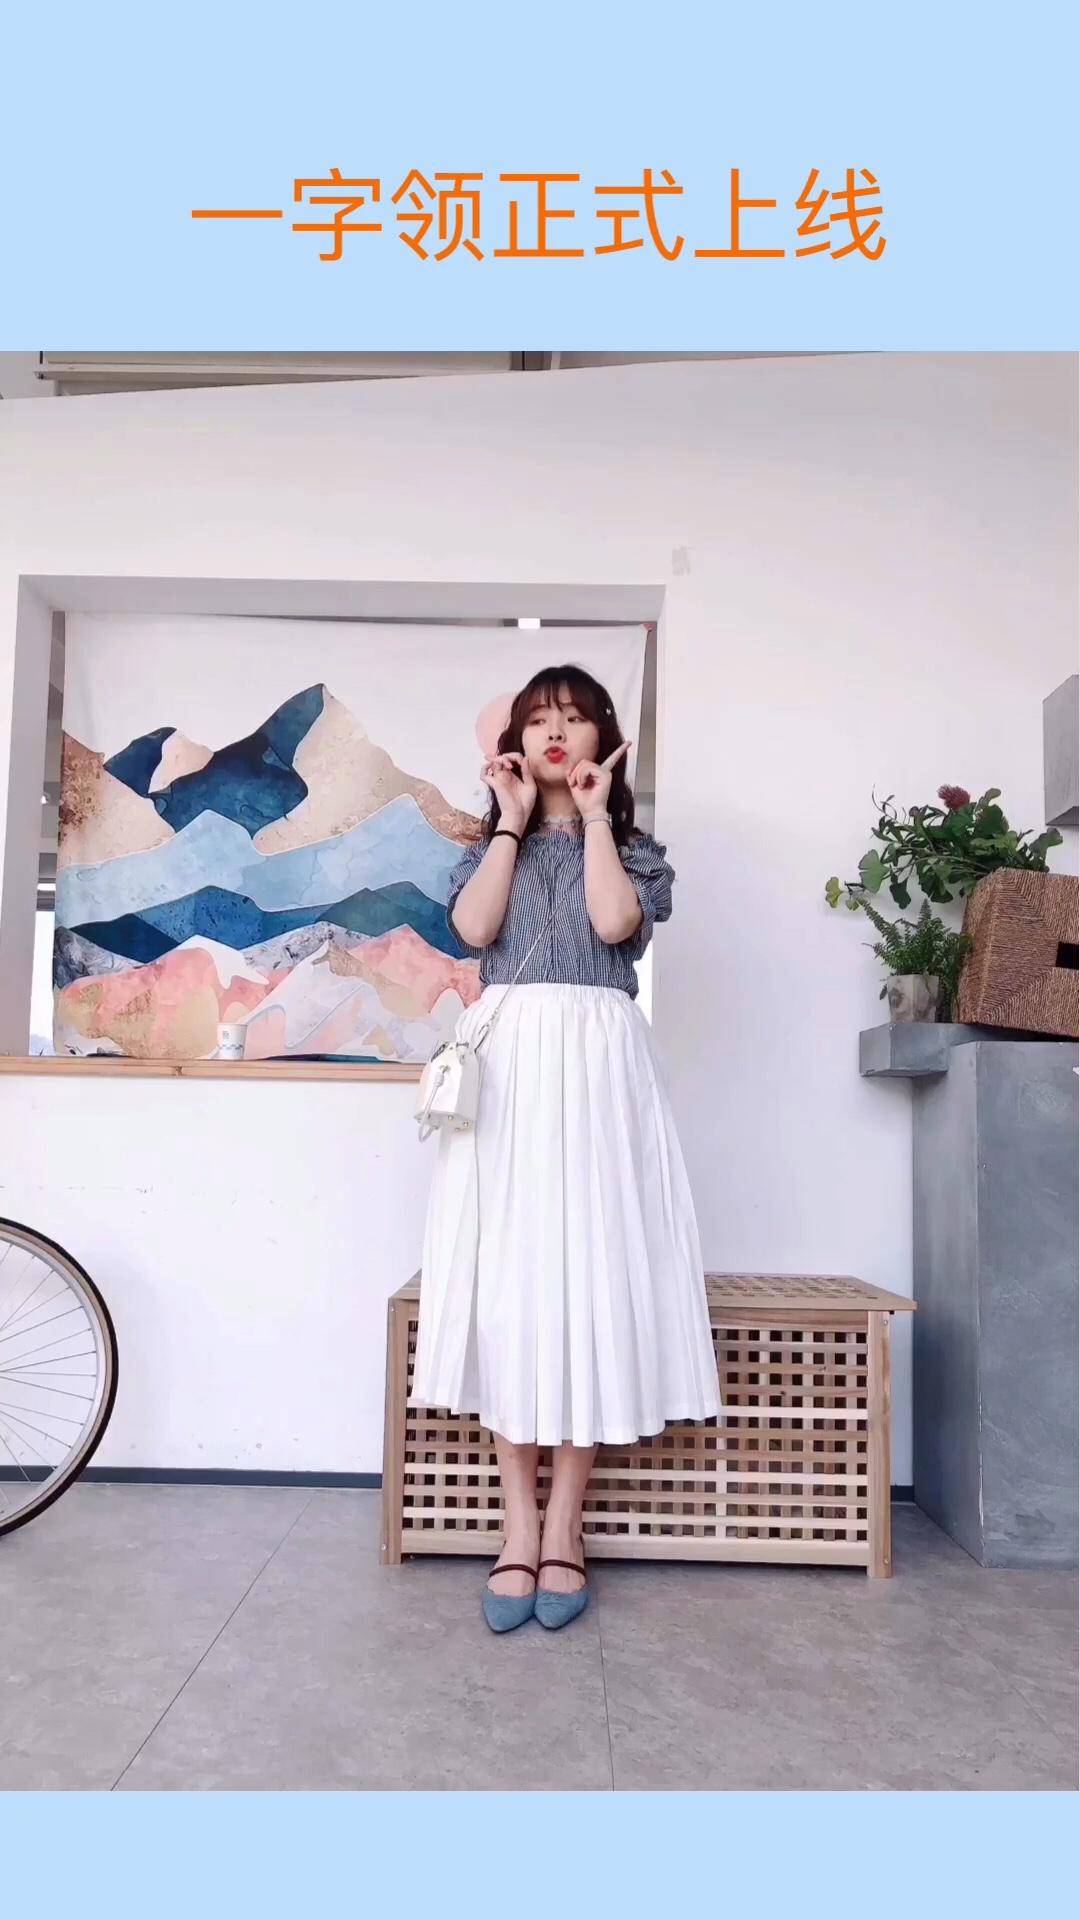 【一字领正式上线啦~】 裙子:独立虫 鞋子:IT'S TOASTED 蓝色格纹一字领给人清新感 搭配白色的百褶半身裙 是初恋的感觉啦~ 还能很好的遮住肚子上和腿上的肉肉 完美👌 #小肚腩这样藏,亲测有效!#